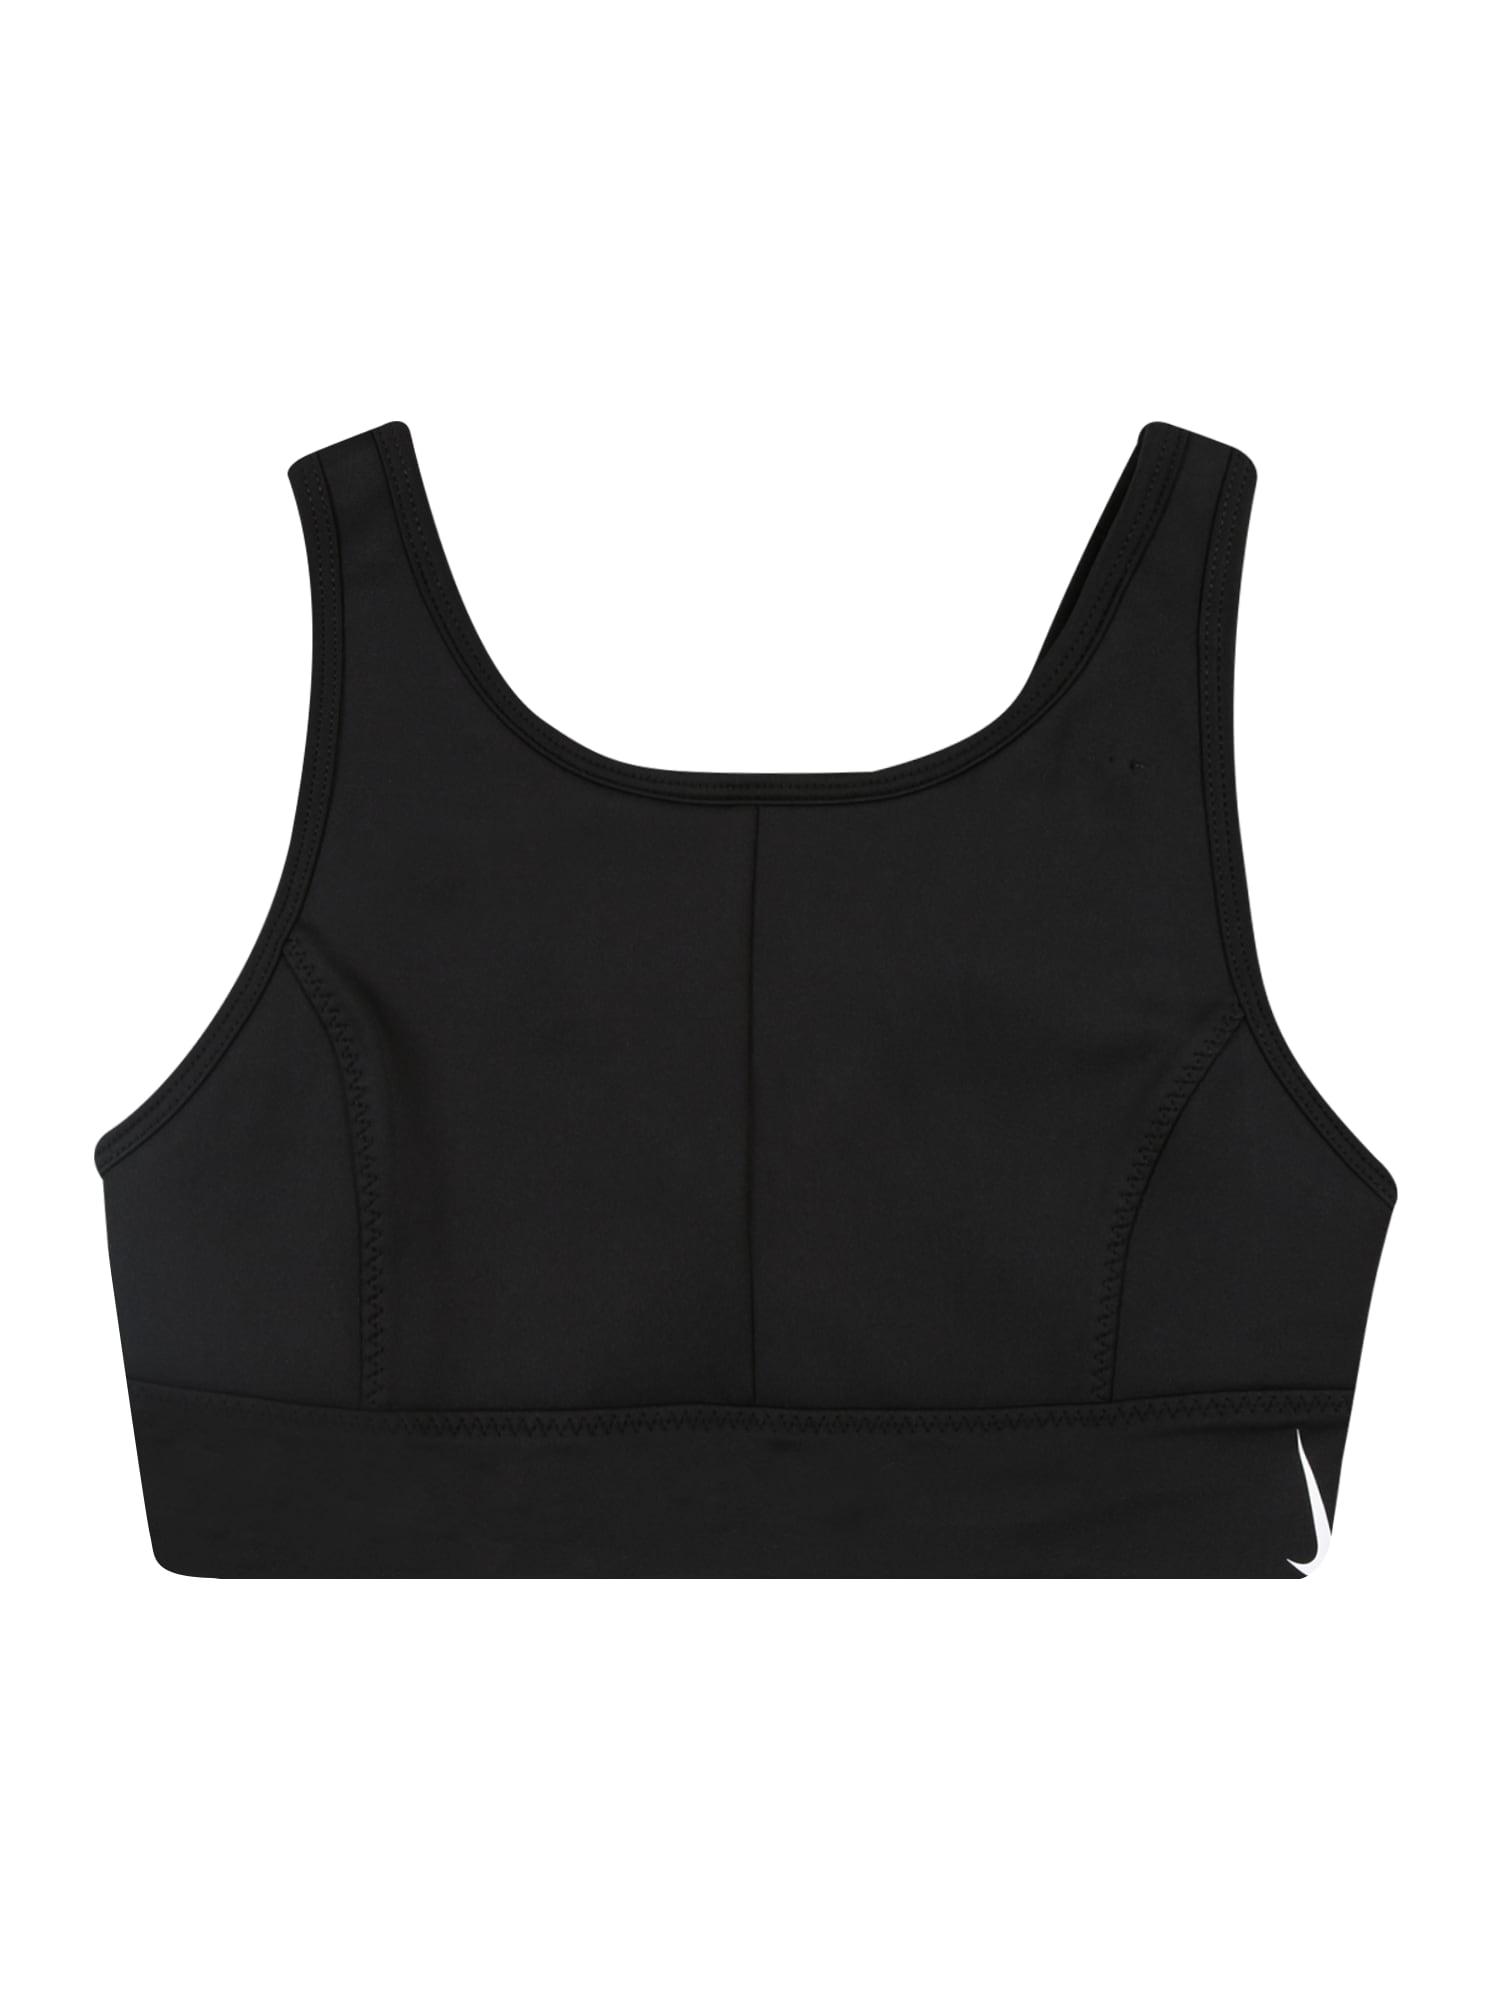 NIKE Sous-vêtements de sport 'Swoosh Luxe'  - Noir - Taille: M - girl